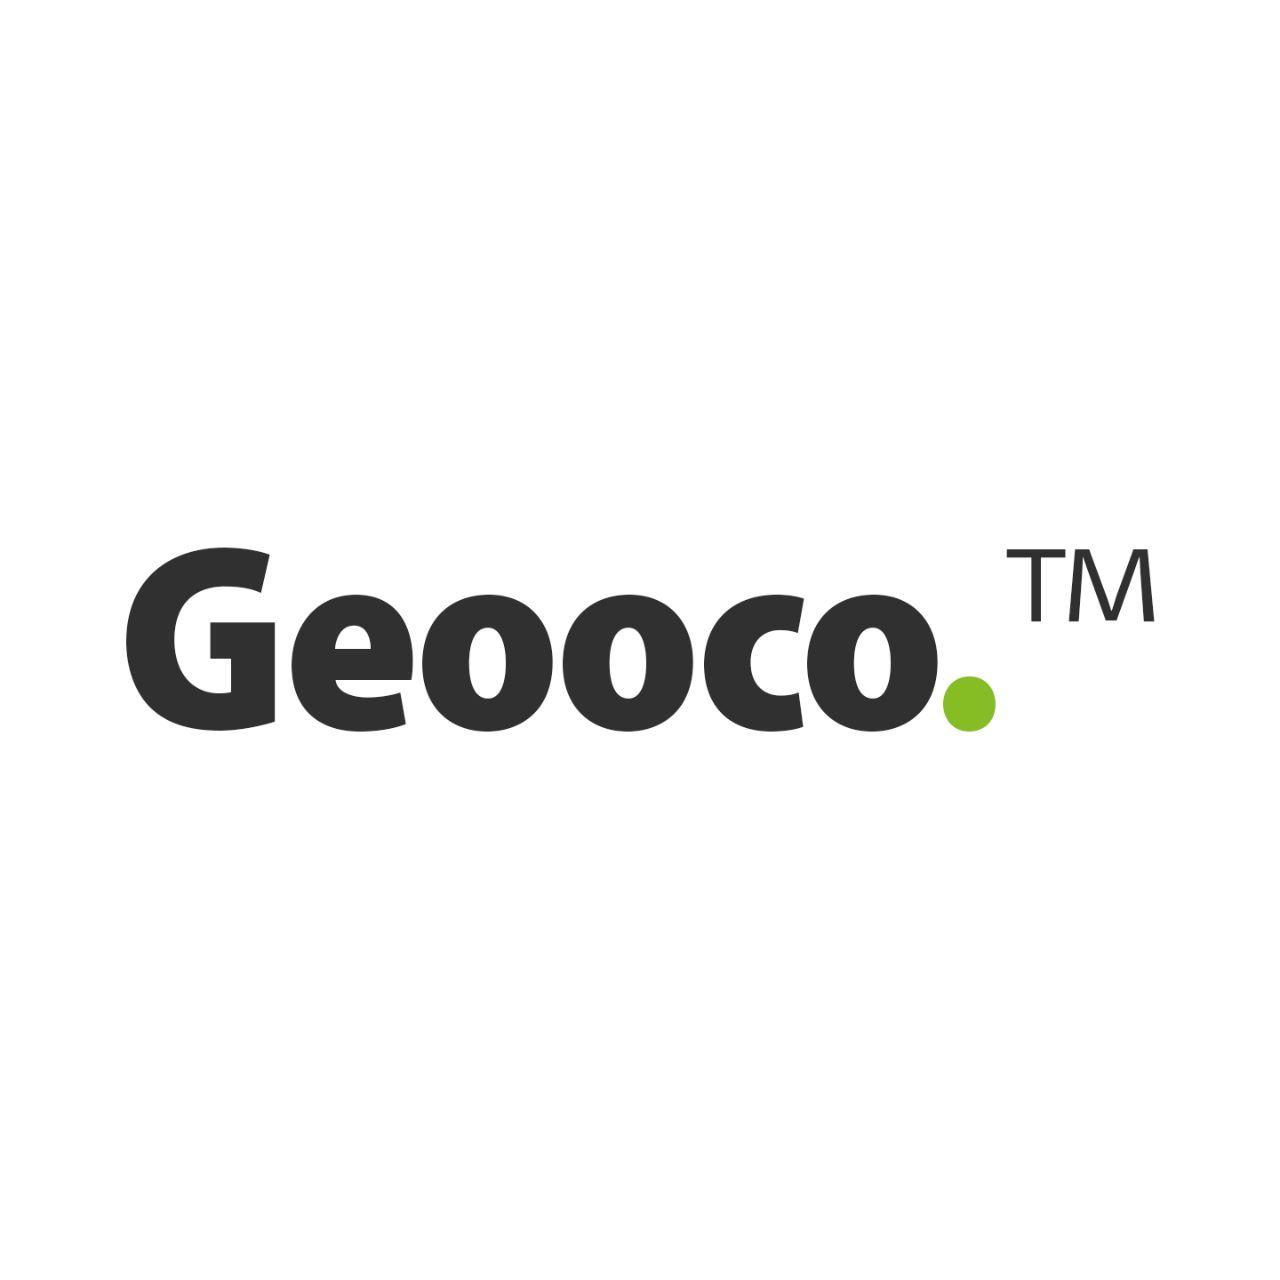 Geooco. Fleet Management